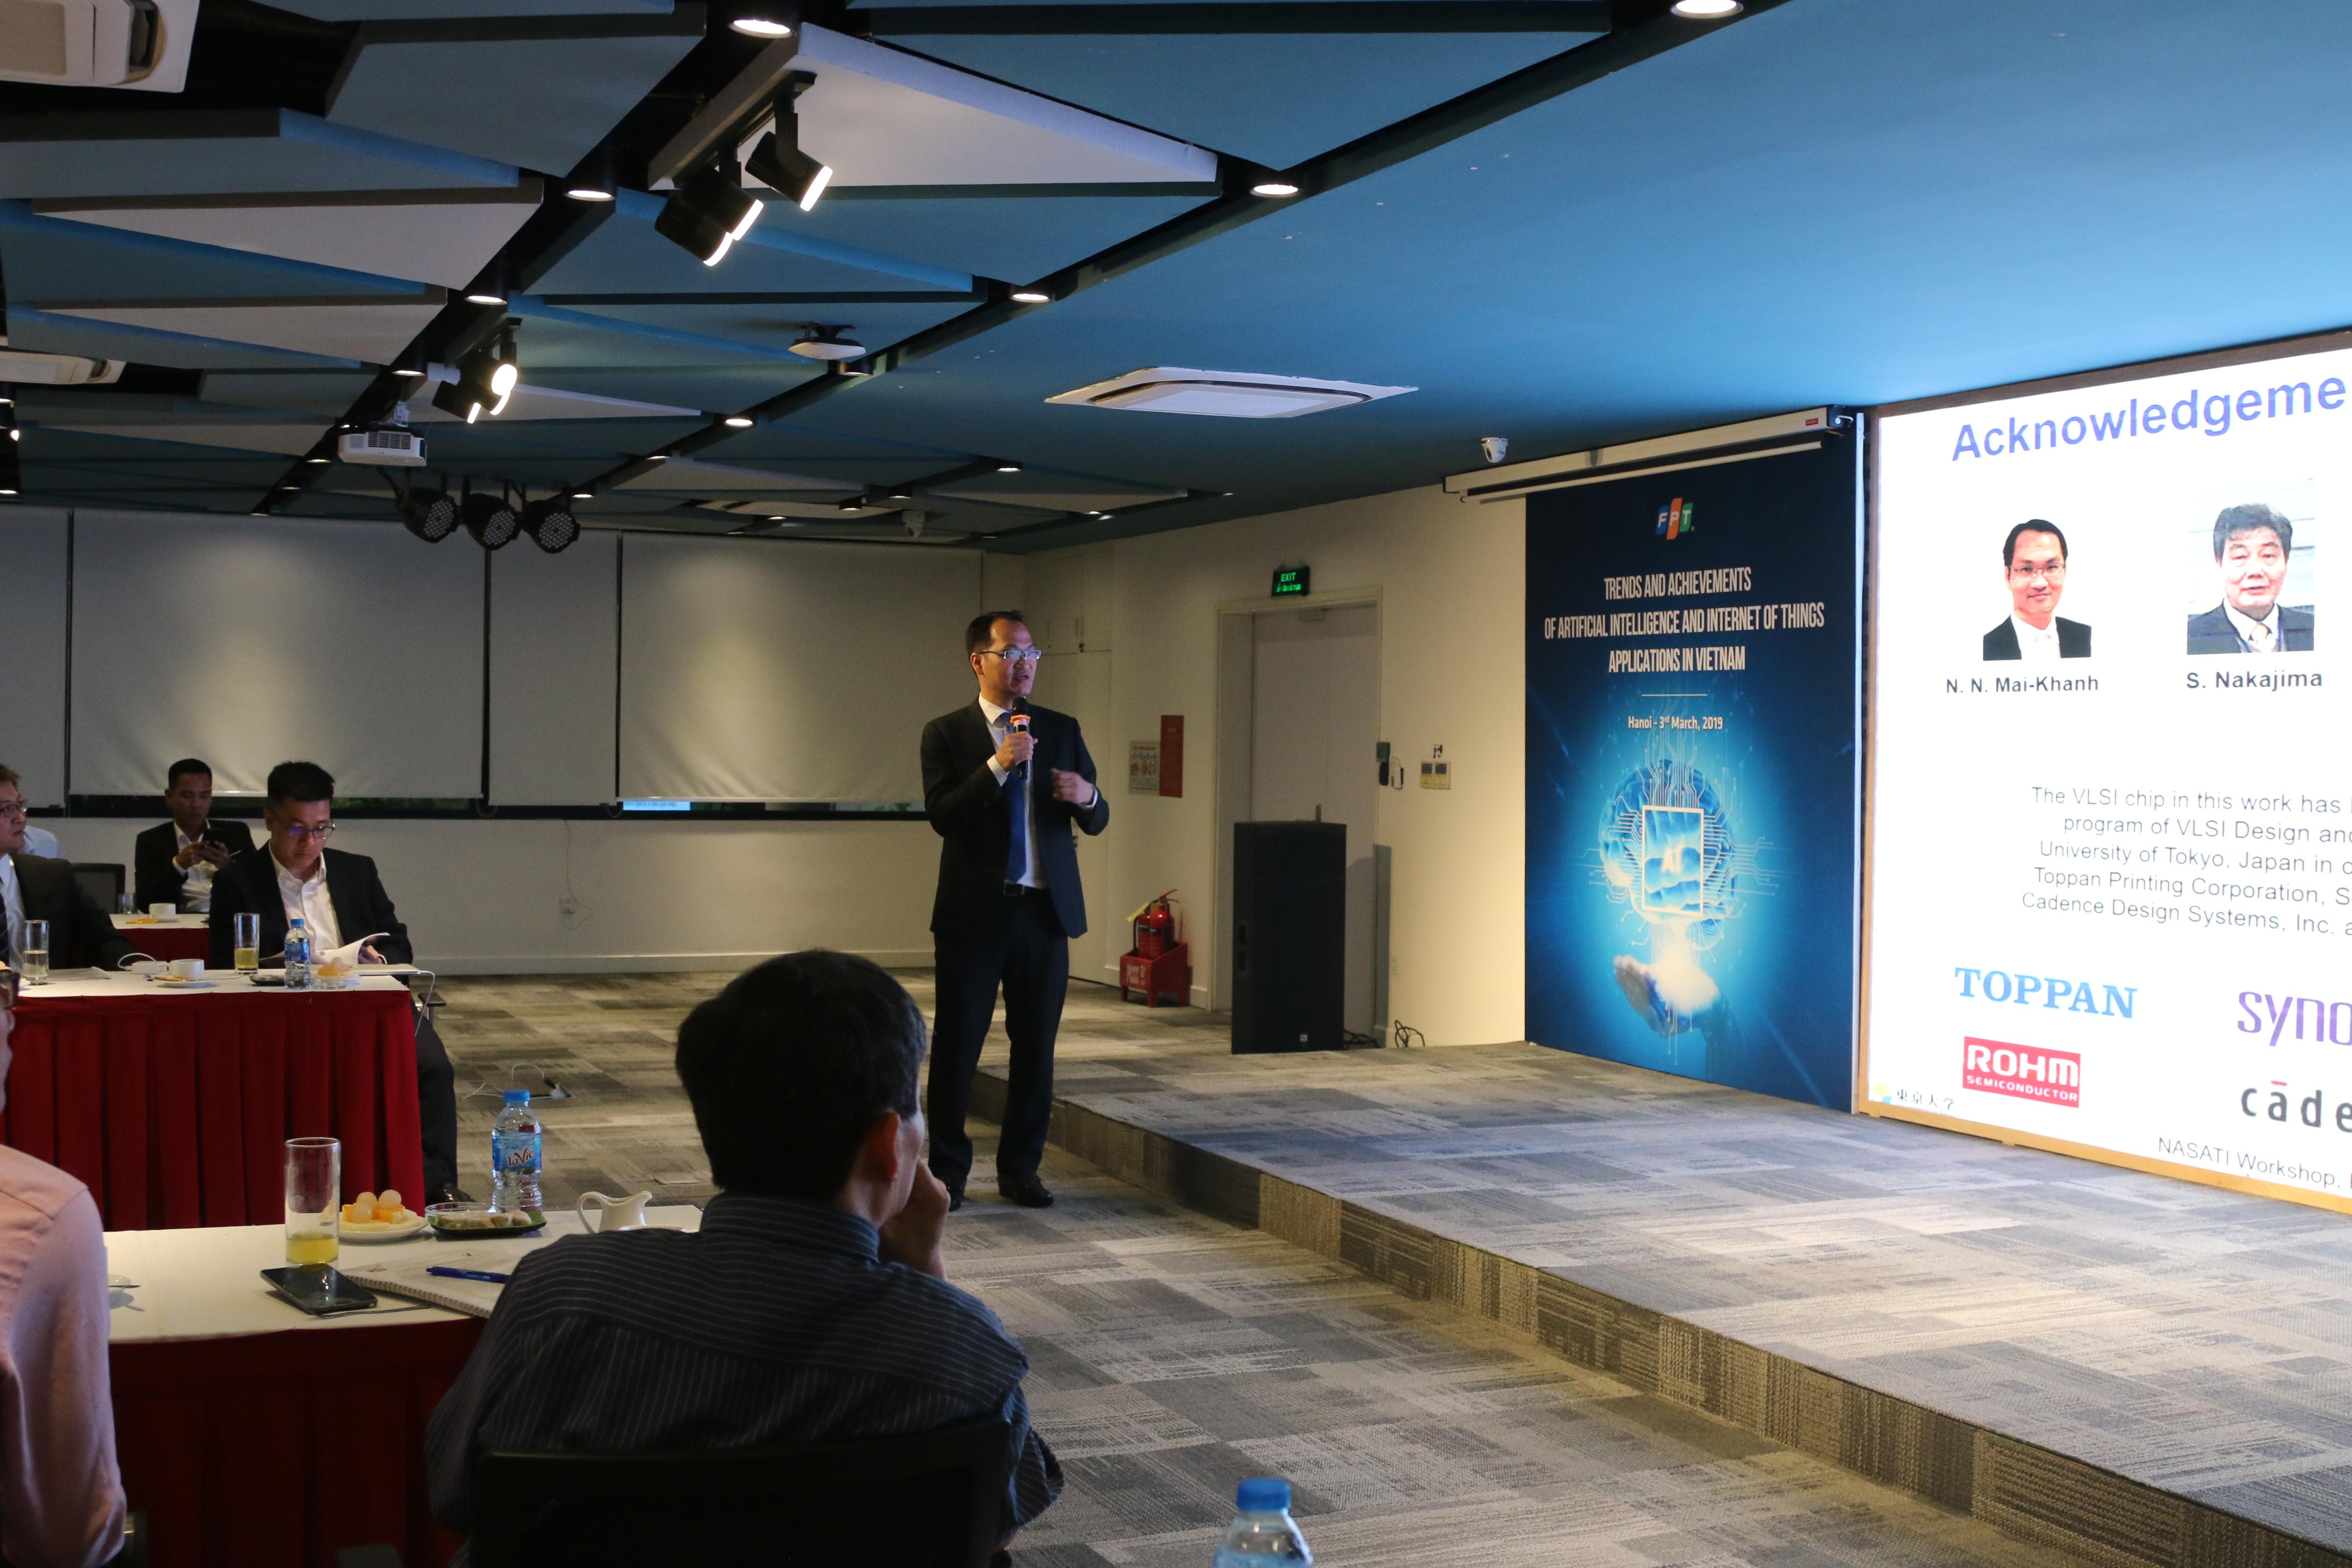 Khẳng định xu thế phát triển của cuộc cách mạng 4.0, những công nghệ mới về AI là việc trước mắt Việt Nam cần nắm bắt, tuy nhiên TS Nguyễn Ngọc Mai Khanh, Trung tâm Thiết Kế - Giáo Dục Vi mạch, Đại học Tokyo Nhật Bản, muốn nhấn mạnh yếu tố bảo mật và đào tạo nhân lực dài hạn. Để đảm bảo an toàn bảo mật thông tin, một trong những yếu tố Việt Nam cần ưu tiên là tự chủ về thiết kế chế tạo vi mạch. Theo TS Khanh, an ninh mạng là một thách thức đối với xã hội loài người khi tiến hành cuộc cách mạng công nghiệp lần thứ 4 với dự báo sẽ có khoảng 10 tỷ thiết bị thông minh được sử dụng. Nguy cơ tin tặc có thể sử dụng các lỗ hổng bảo mật cũng như công cụ từ phần cứng và phần mềm để can thiệp vào hệ thống thông tin, sau đó gắn một số chíp hoặc phần mềm gián điệp để thu thập thông tin. Giải quyết vấn đề này sẽ tốn nhiều chi phí cho cơ sở hạ tầng có thể lên tới 120 -200 tỷ USD. Trí tuệ nhân tạo (AI) được xem là công nghệ nền tảng quan trọng nhất dẫn dắt hoạt động chuyển đổi số trong các ngành, các lĩnh vực, các tổ chức doanh nghiệp. Theo các dự báo, vào năm 2030, AI sẽ đóng góp thêm 15,7 nghìn tỷ đô la cho nền kinh tế toàn cầu. Trong năm 2019, 40% các sáng kiến chuyển đổi kỹ thuật số sẽ sử dụng công nghệ AI. FPT là một trong những doanh nghiệp đầu tiên nghiên cứu và ứng dụng công nghệ AI tại Việt Nam. Hiện nay, FPT.AI có thể coi là nền tảng trí tuệ nhân tạo toàn diện duy nhất cung cấp đầy đủ những giải pháp giúp tối ưu hóa các quy trình hoạt động trong doanh nghiệp và gây dựng các giá trị kinh doanh mới. FPT.AI giúp tự động hóa toàn diện mọi quy trình của doanh nghiệp từ giản đơn đến phức tạp với mô hình triển khai, hỗ trợ linh hoạt (Cloud và On-premise) để đáp ứng nhu cầu của doanh nghiệp ở cả ba bài toán: tối ưu vận hành, đẩy mạnh sales và marketing và gắn kết khách hàng. Hiện tại, FPT.AI nhận được 3,4 triệu yêu cầu mỗi tháng. Có 7.720 lập trình viên đang phát triển các ứng dụng trên nền tảng này và gần 155.000 giờ giọng nói đã được các đối tác của FPT.AI sử dụng. Hệ thống tổn